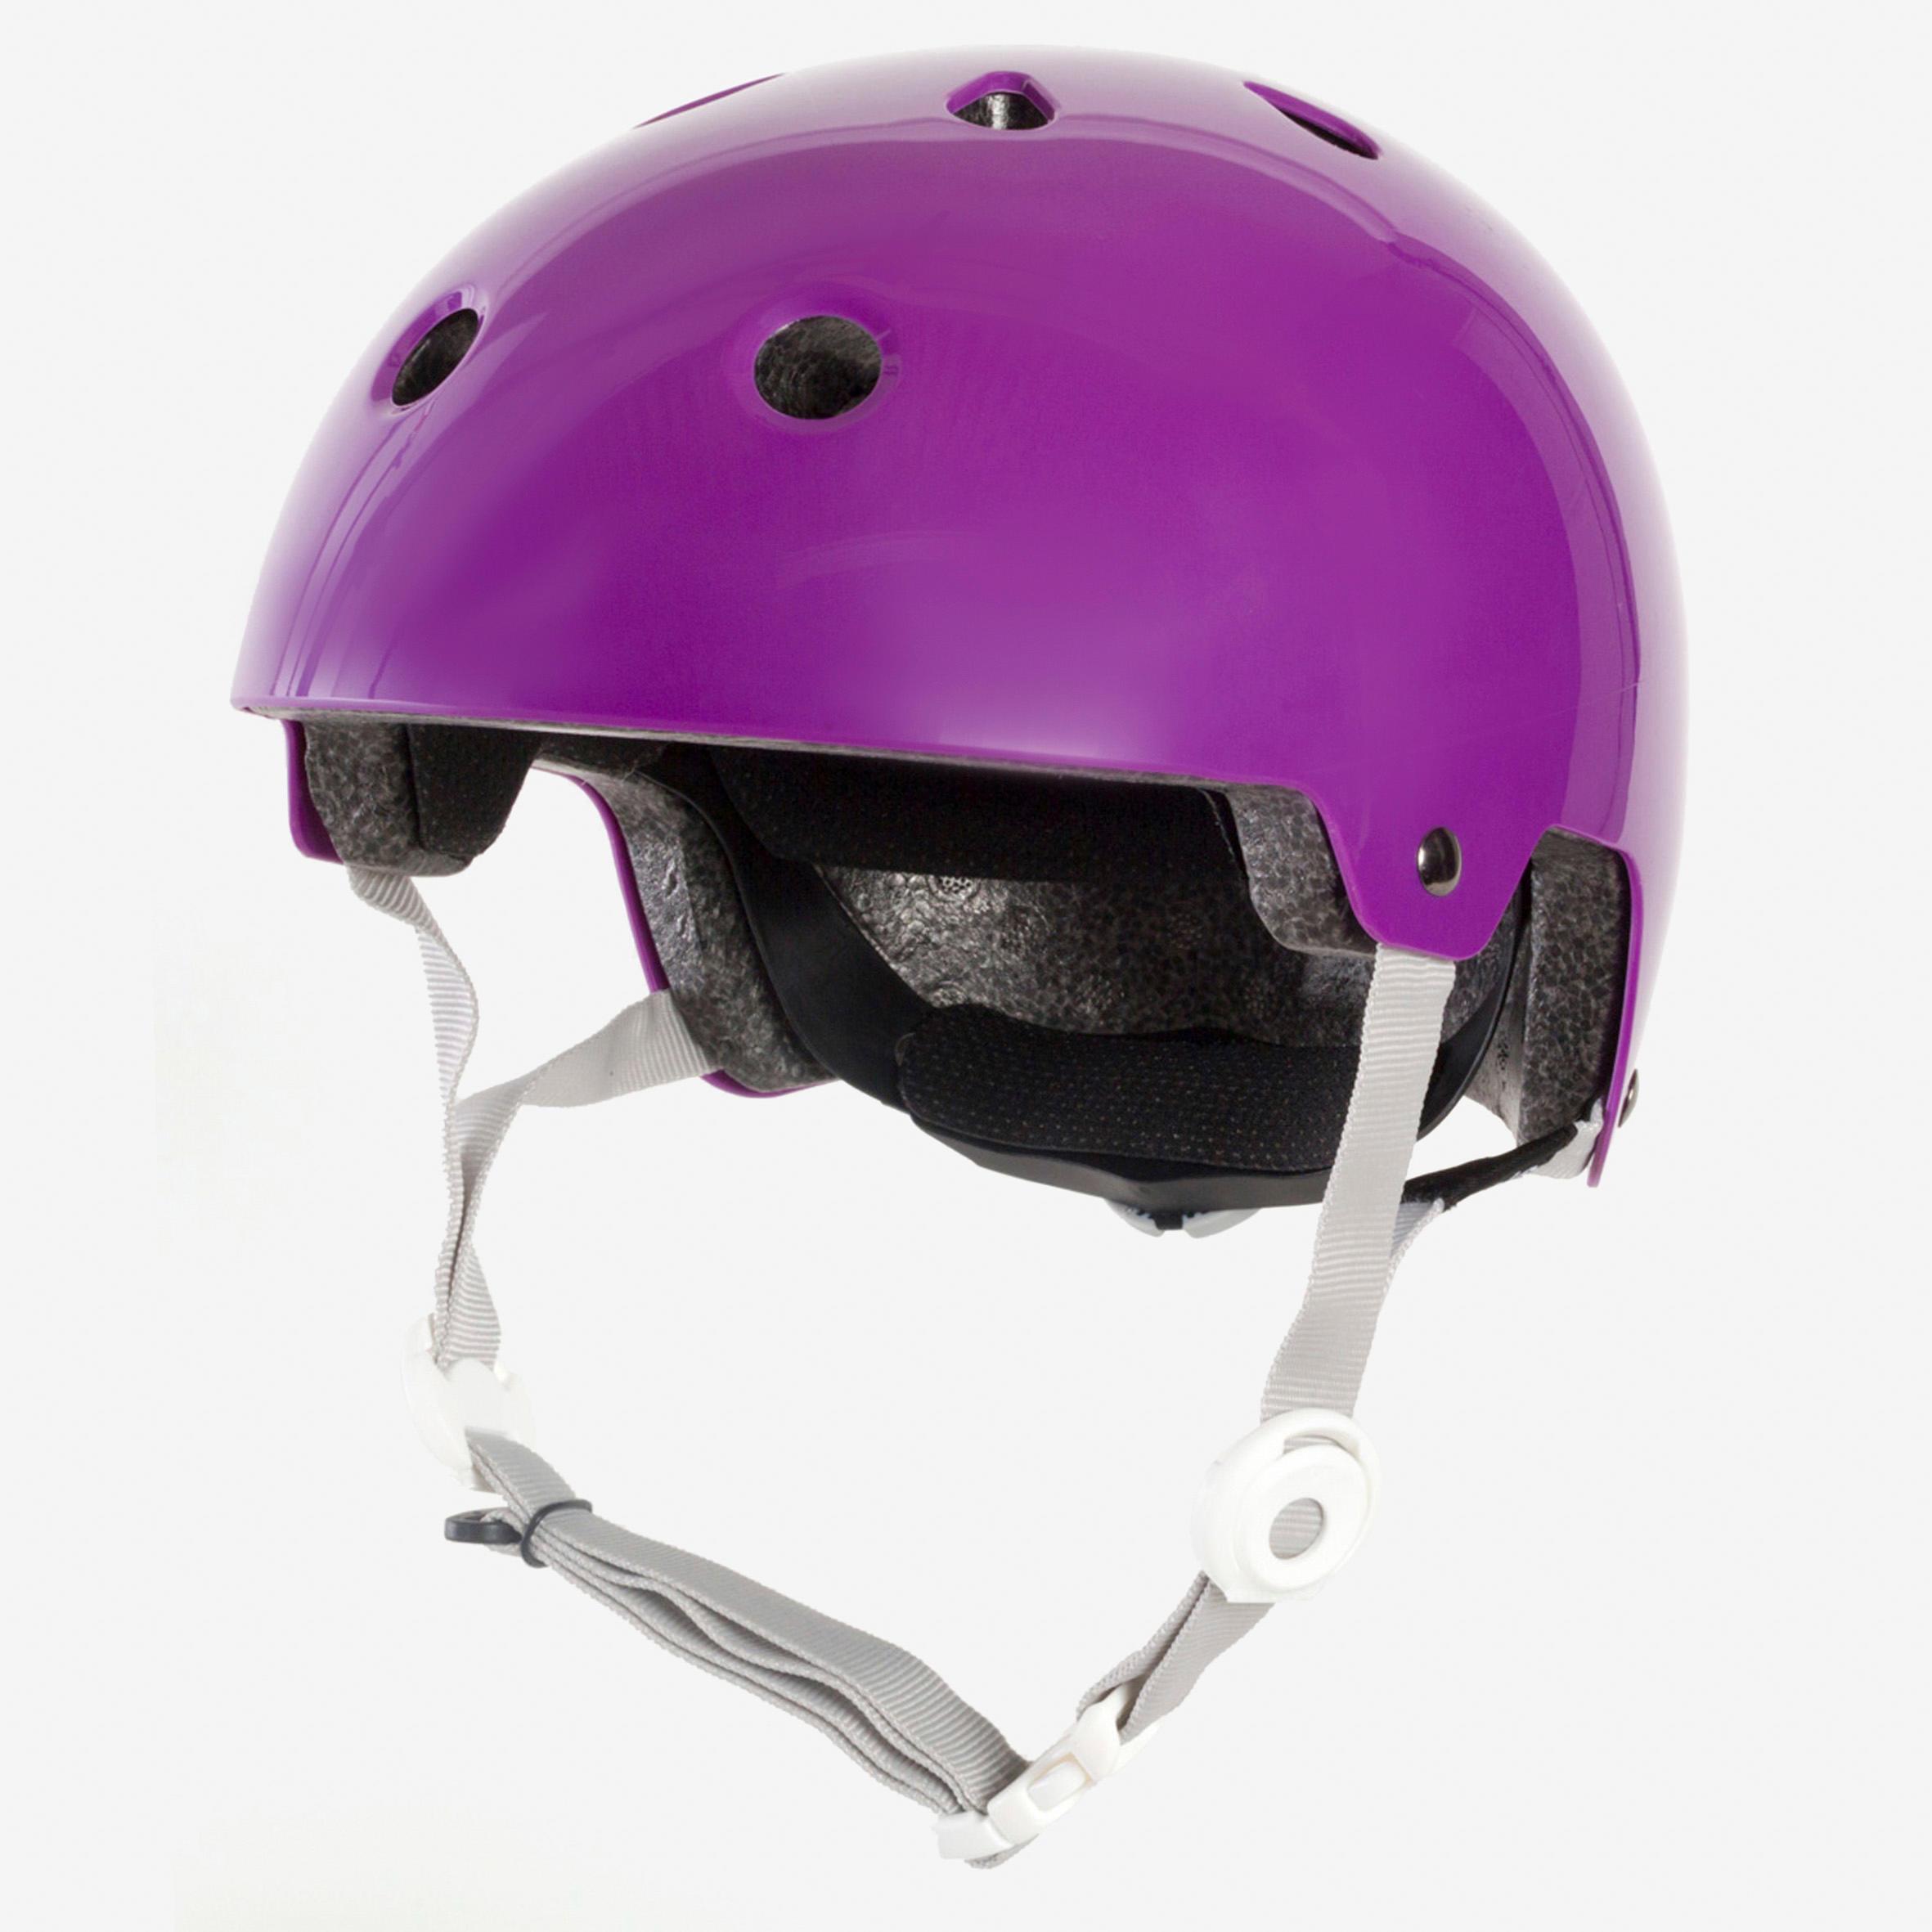 Casque patins à roulettes, planche à roulettes, trottinette, vélo PLAY 5 violet